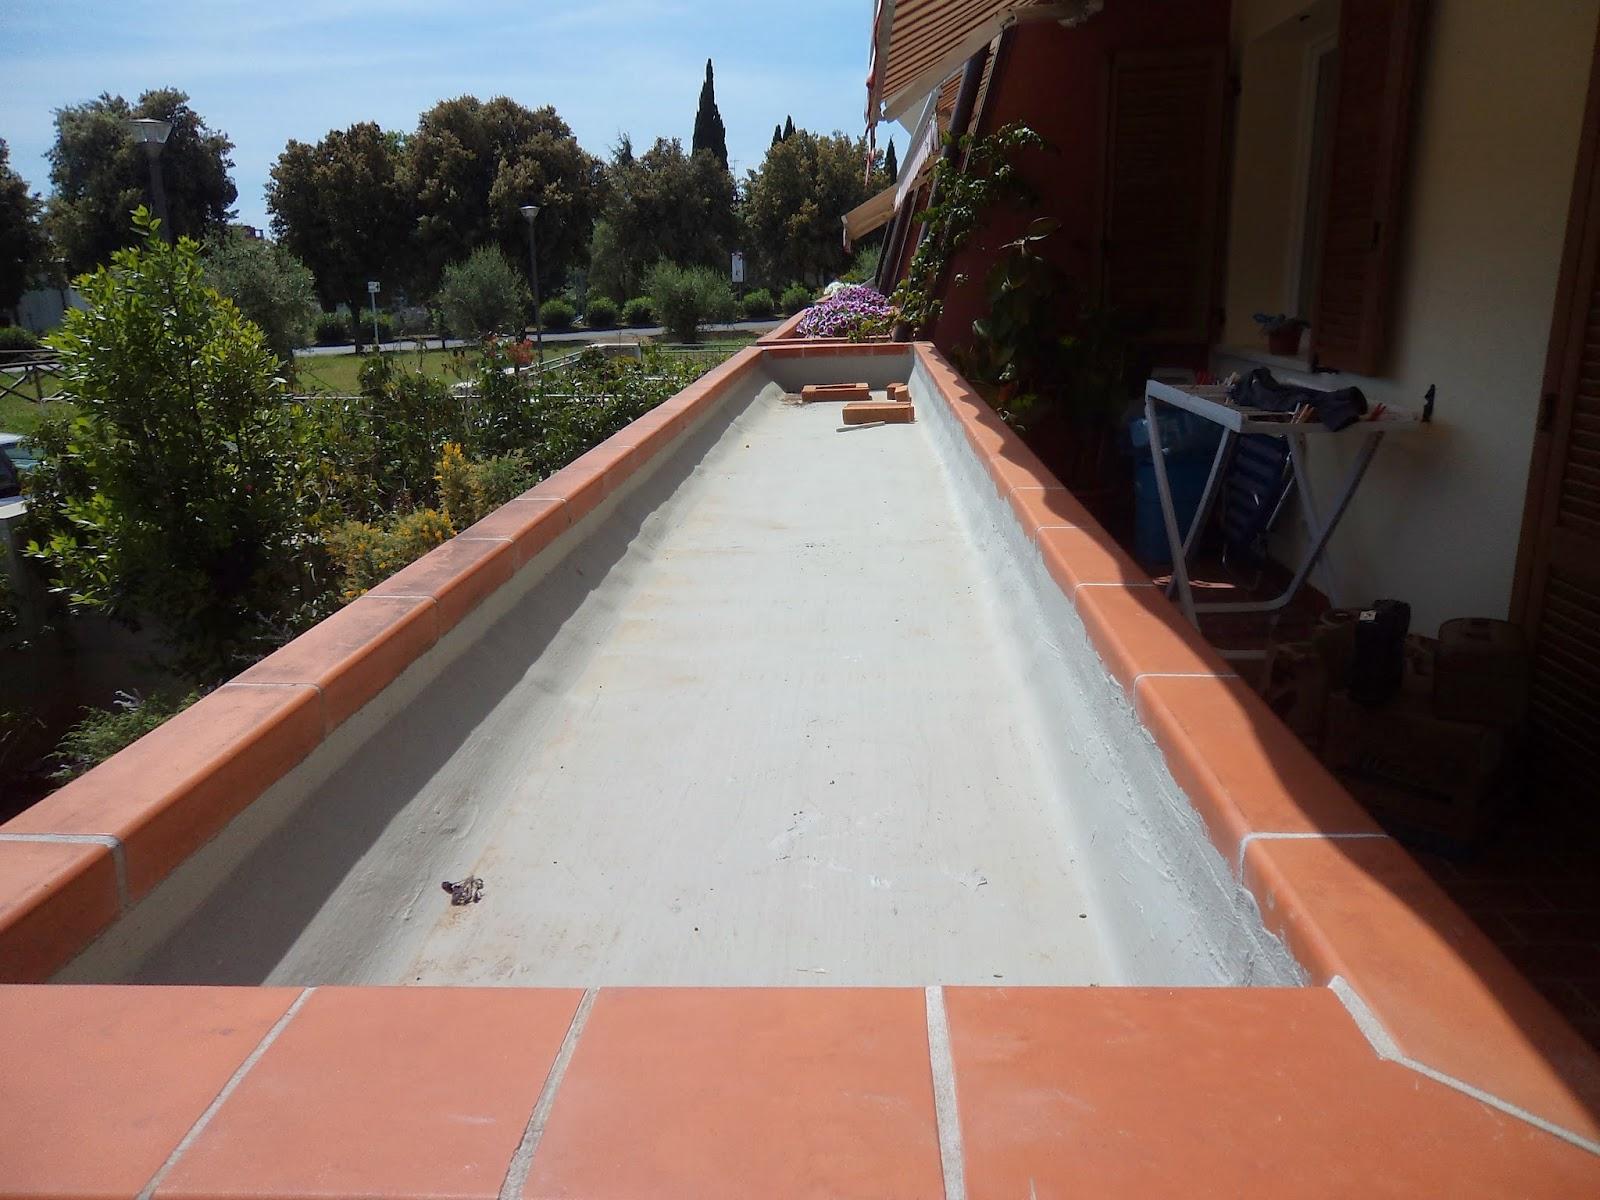 I giardini di carlo e letizia giardinetto sul terrazzo for Vasca giardino pesci